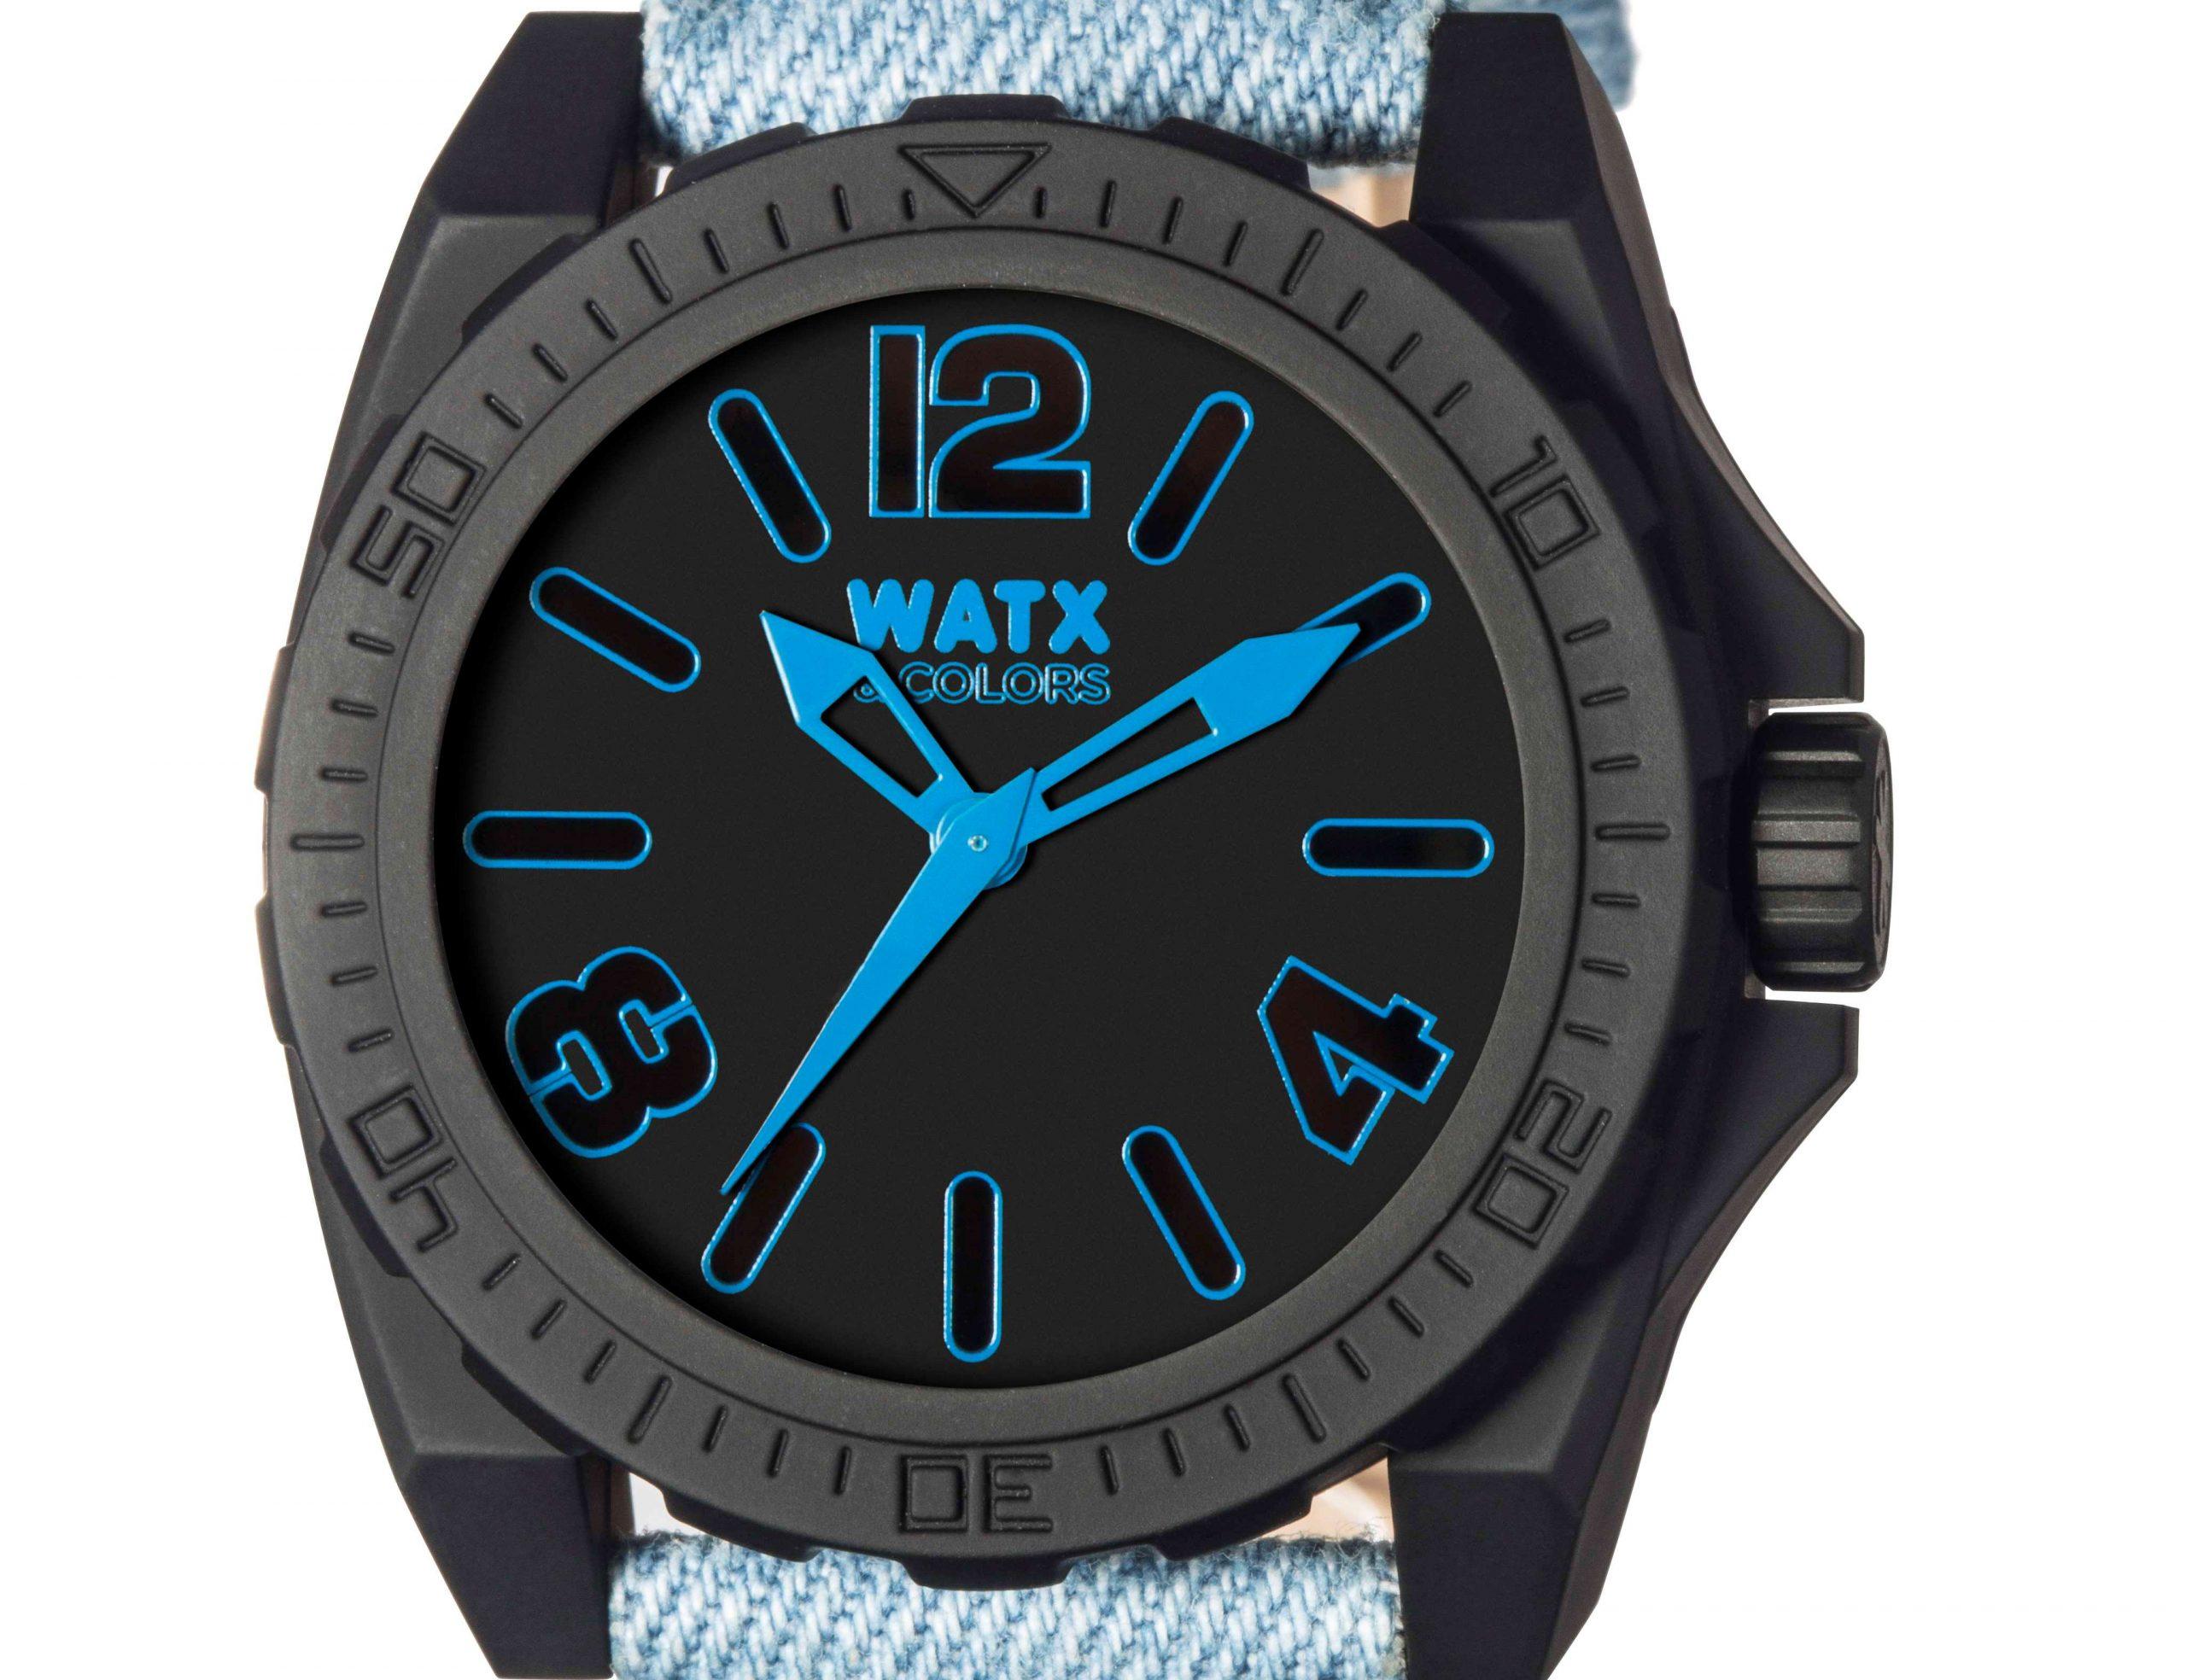 BlackOut, Watx & Colors